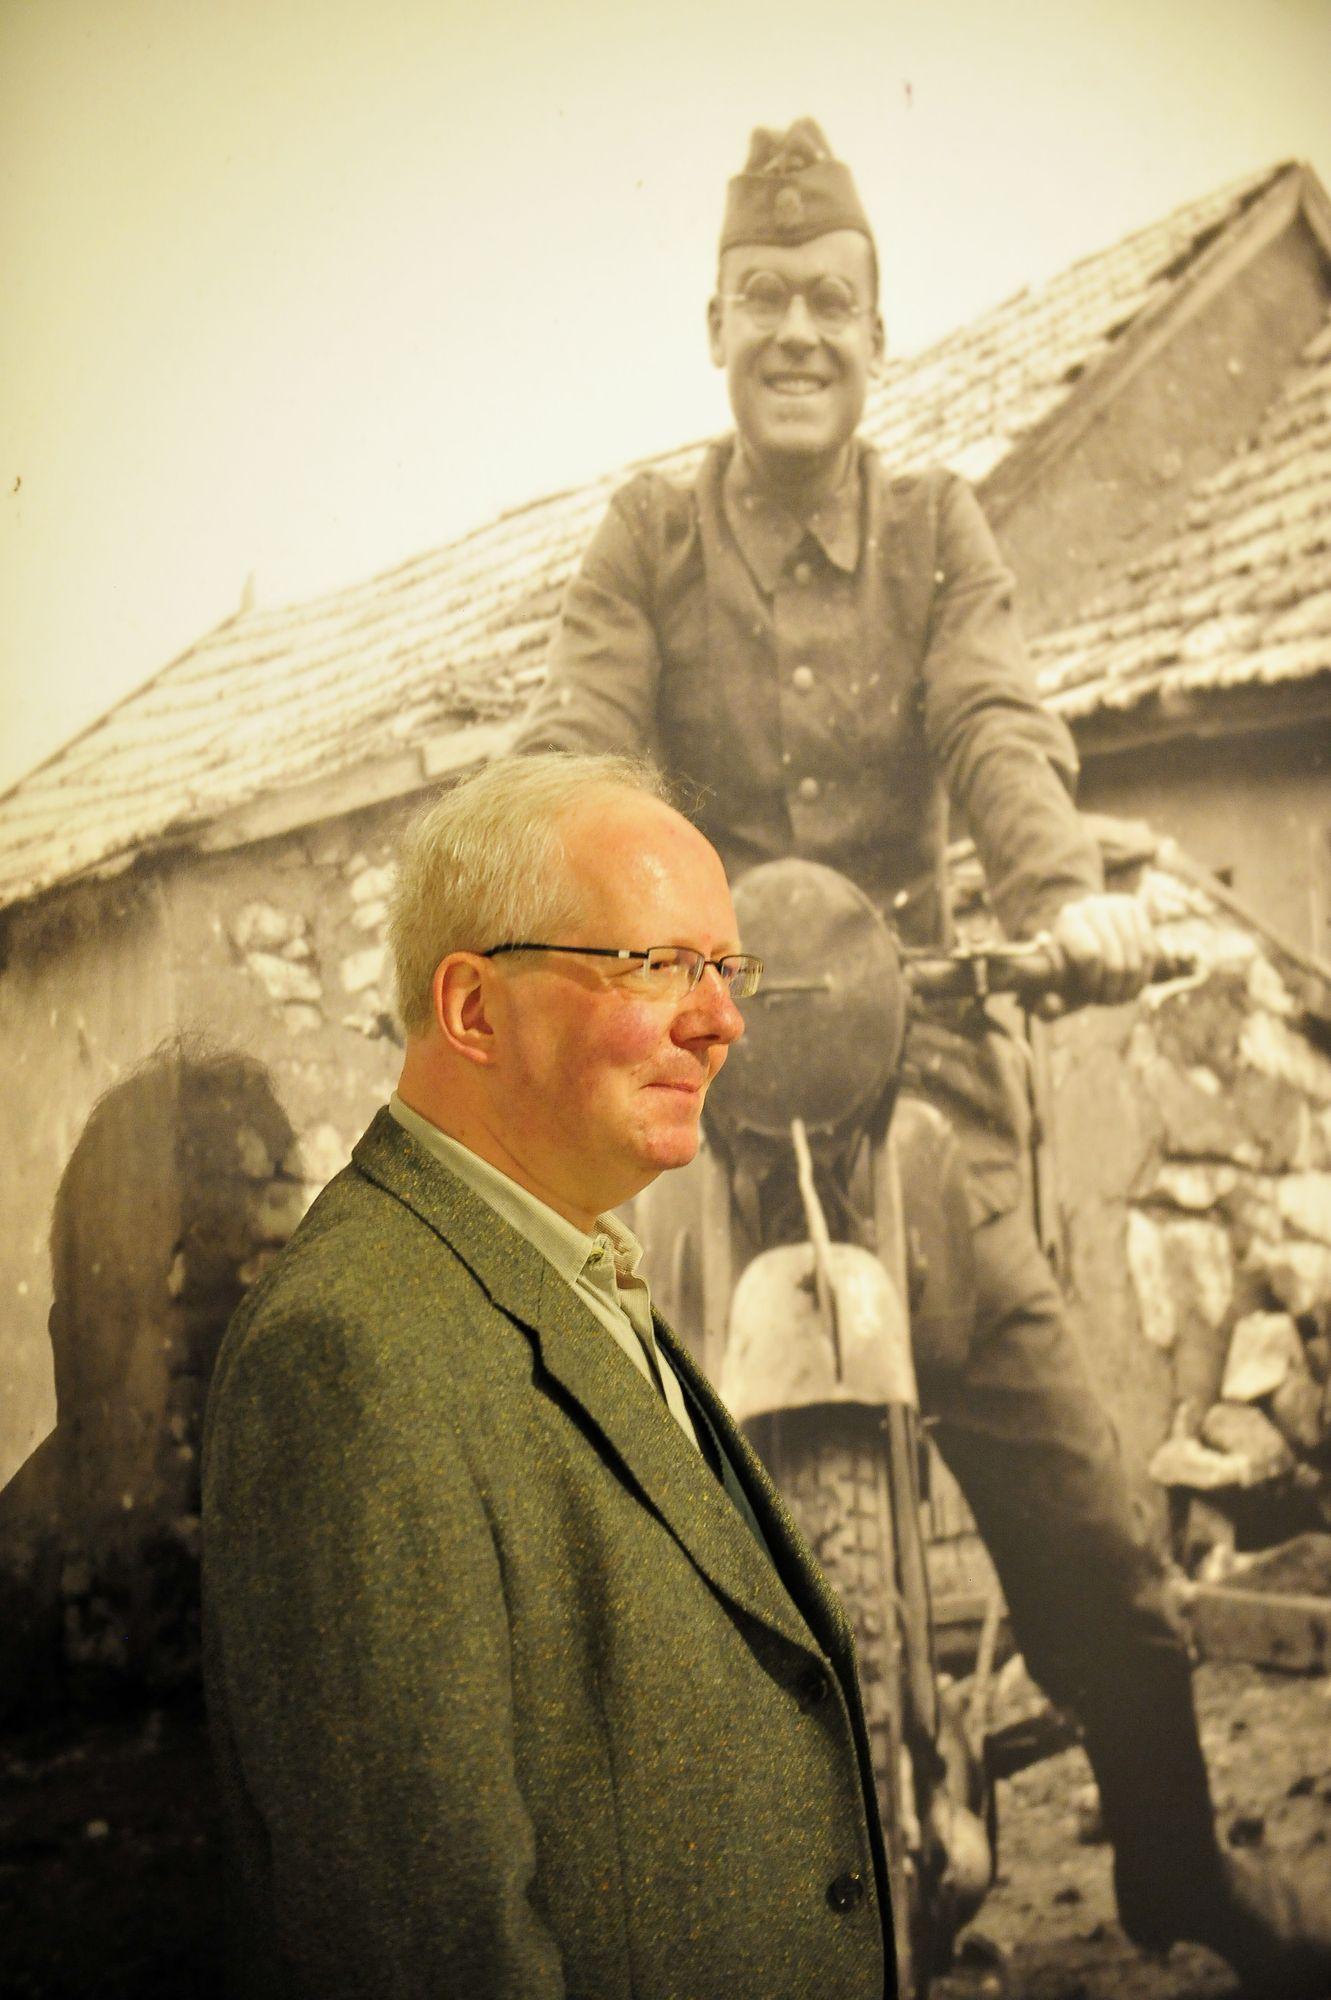 Onbekende beelden, sterke verhalen. Belgen in oorlog 65